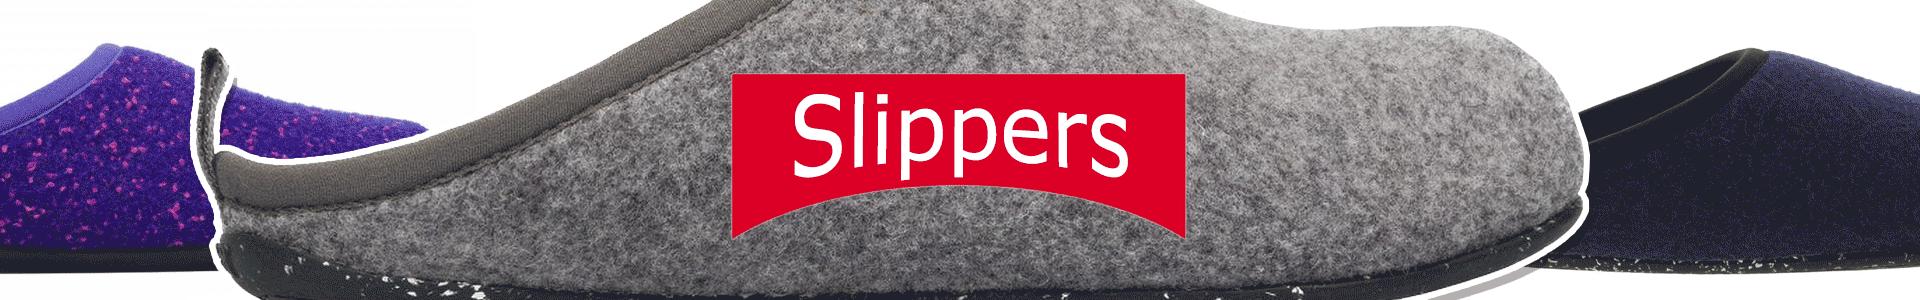 Camper Slippers Banner